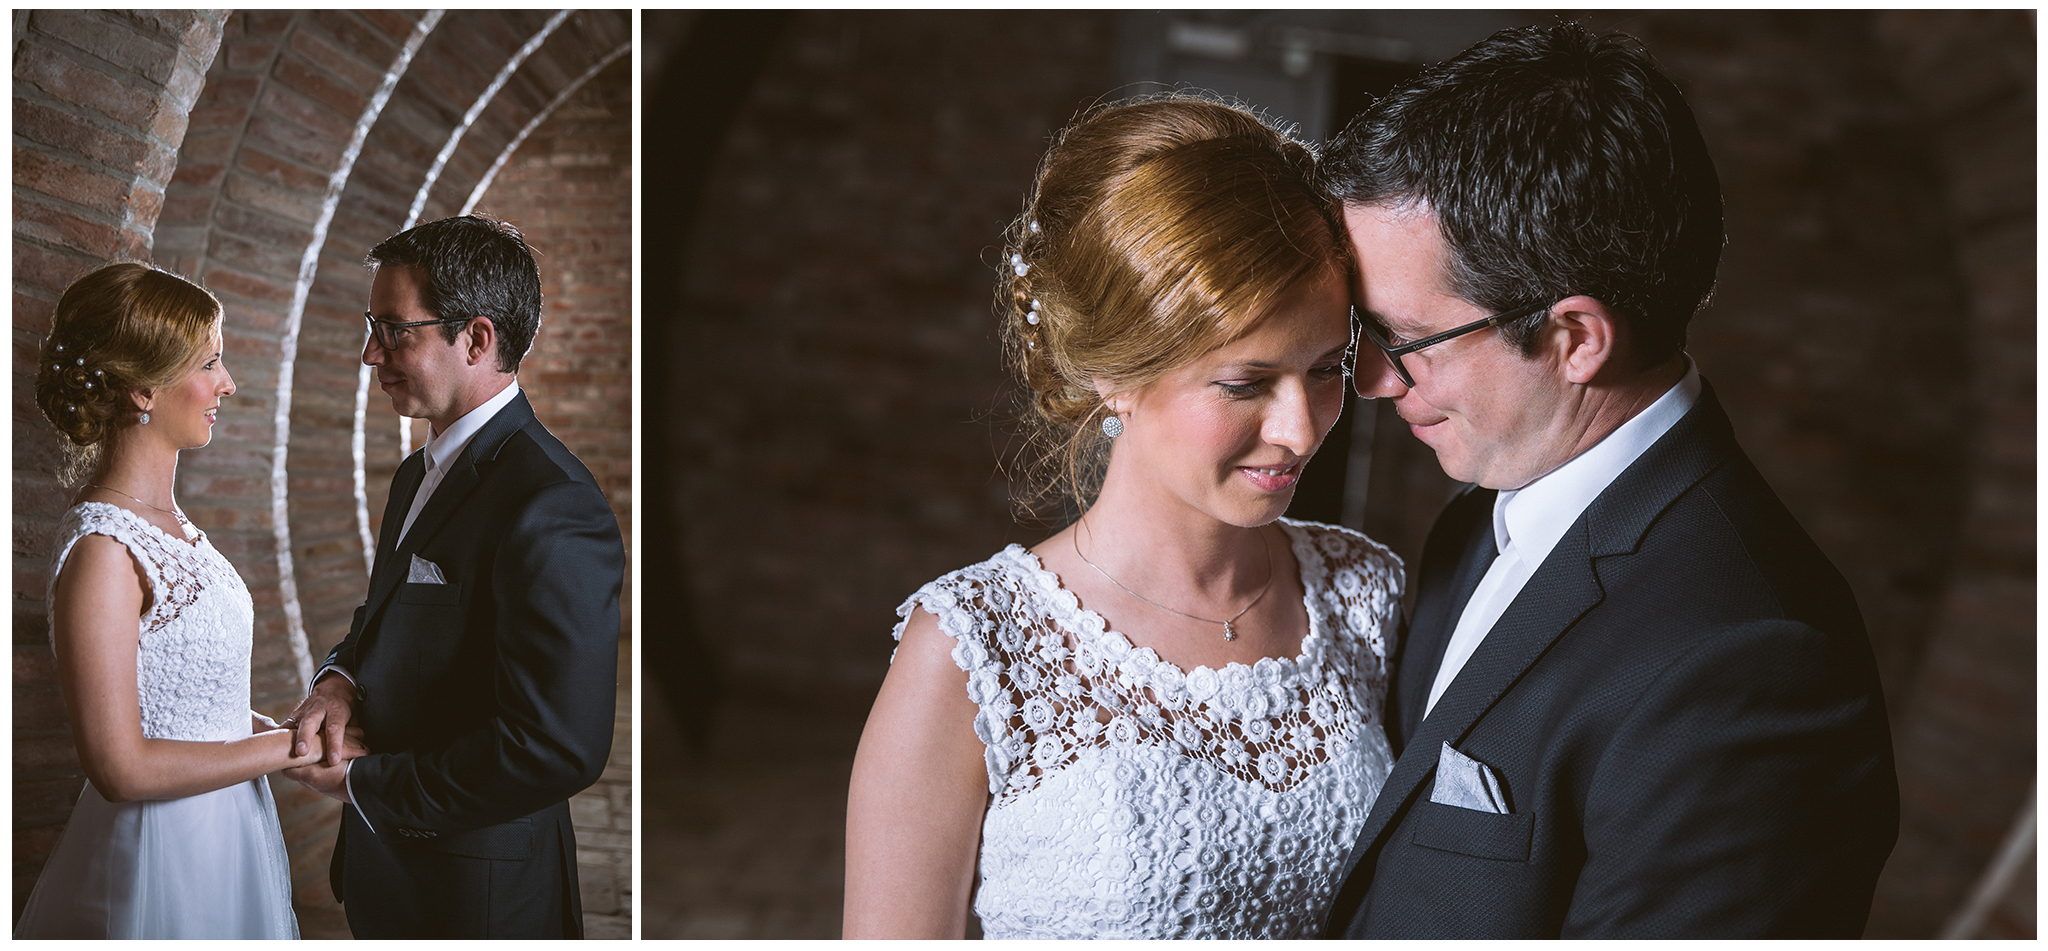 FylepPhoto, esküvőfotós, esküvői fotós Körmend, Szombathely, esküvőfotózás, magyarország, vas megye, prémium, jegyesfotózás, Fülöp Péter, körmend, kreatív, fotográfus_10.jpg